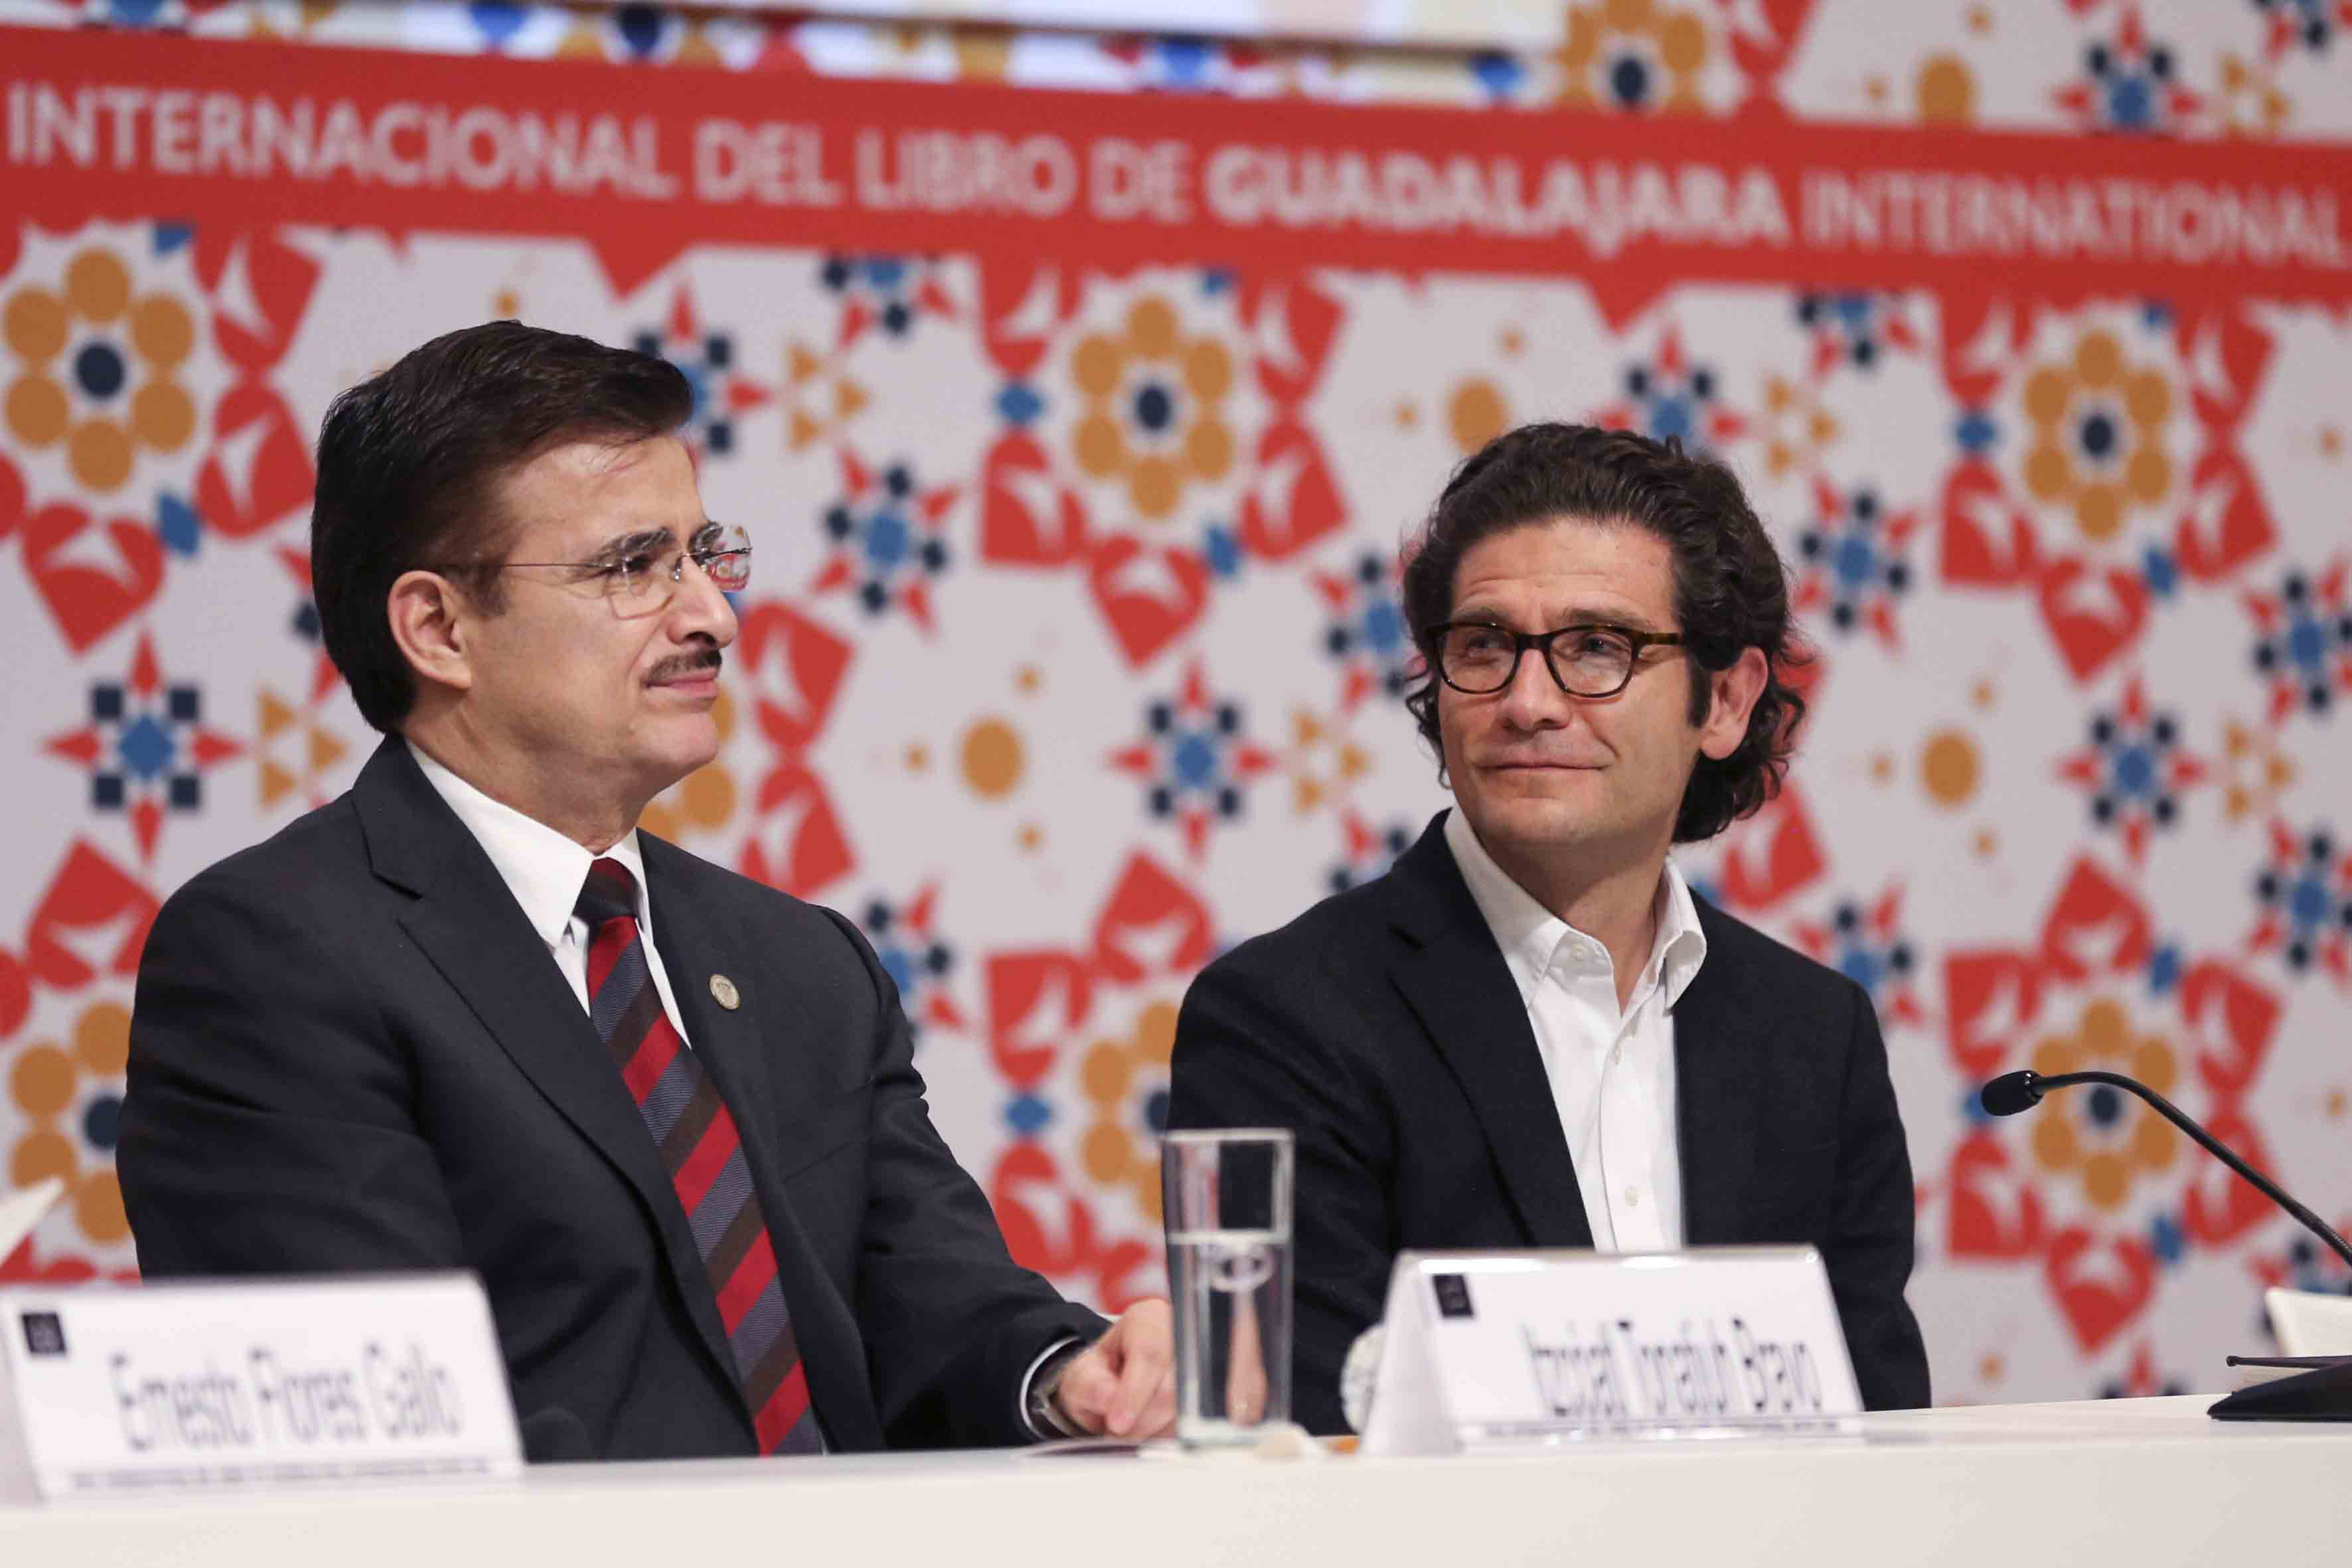 Maestro Itzcóatl Tonatiuh Bravo Padilla, Rector General de la Universidad de Guadalajara y Arquitecto colombiano Juan Pablo Ortiz, fungiendo como miembros del presidium.